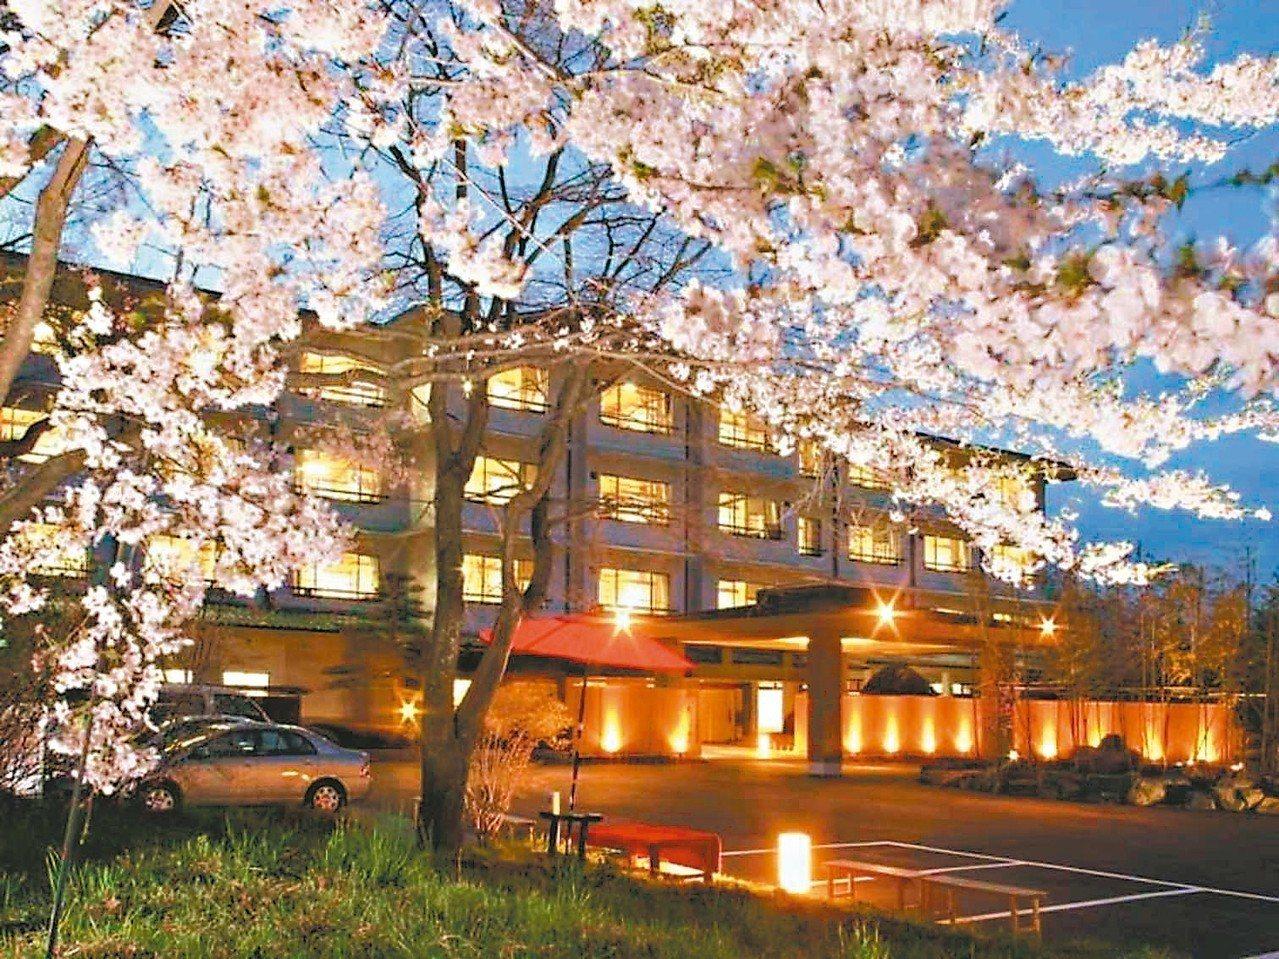 伊香保溫泉如心之里HIBIKINO和風溫泉旅館。 圖/有行旅提供